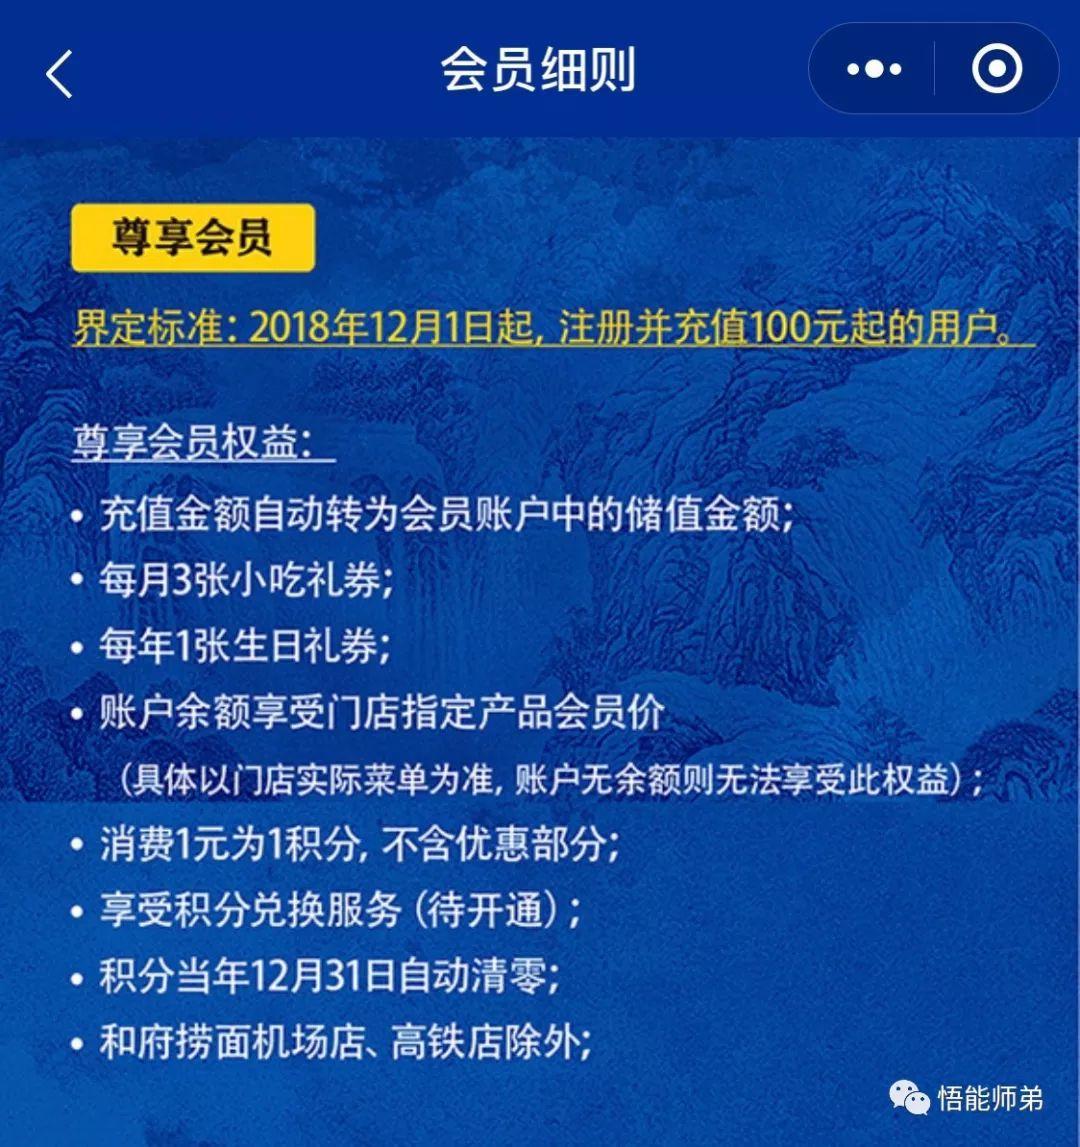 """豐臺308名暖氣不暖投訴者變""""測溫志愿者""""_兩個和尚的耽美文"""